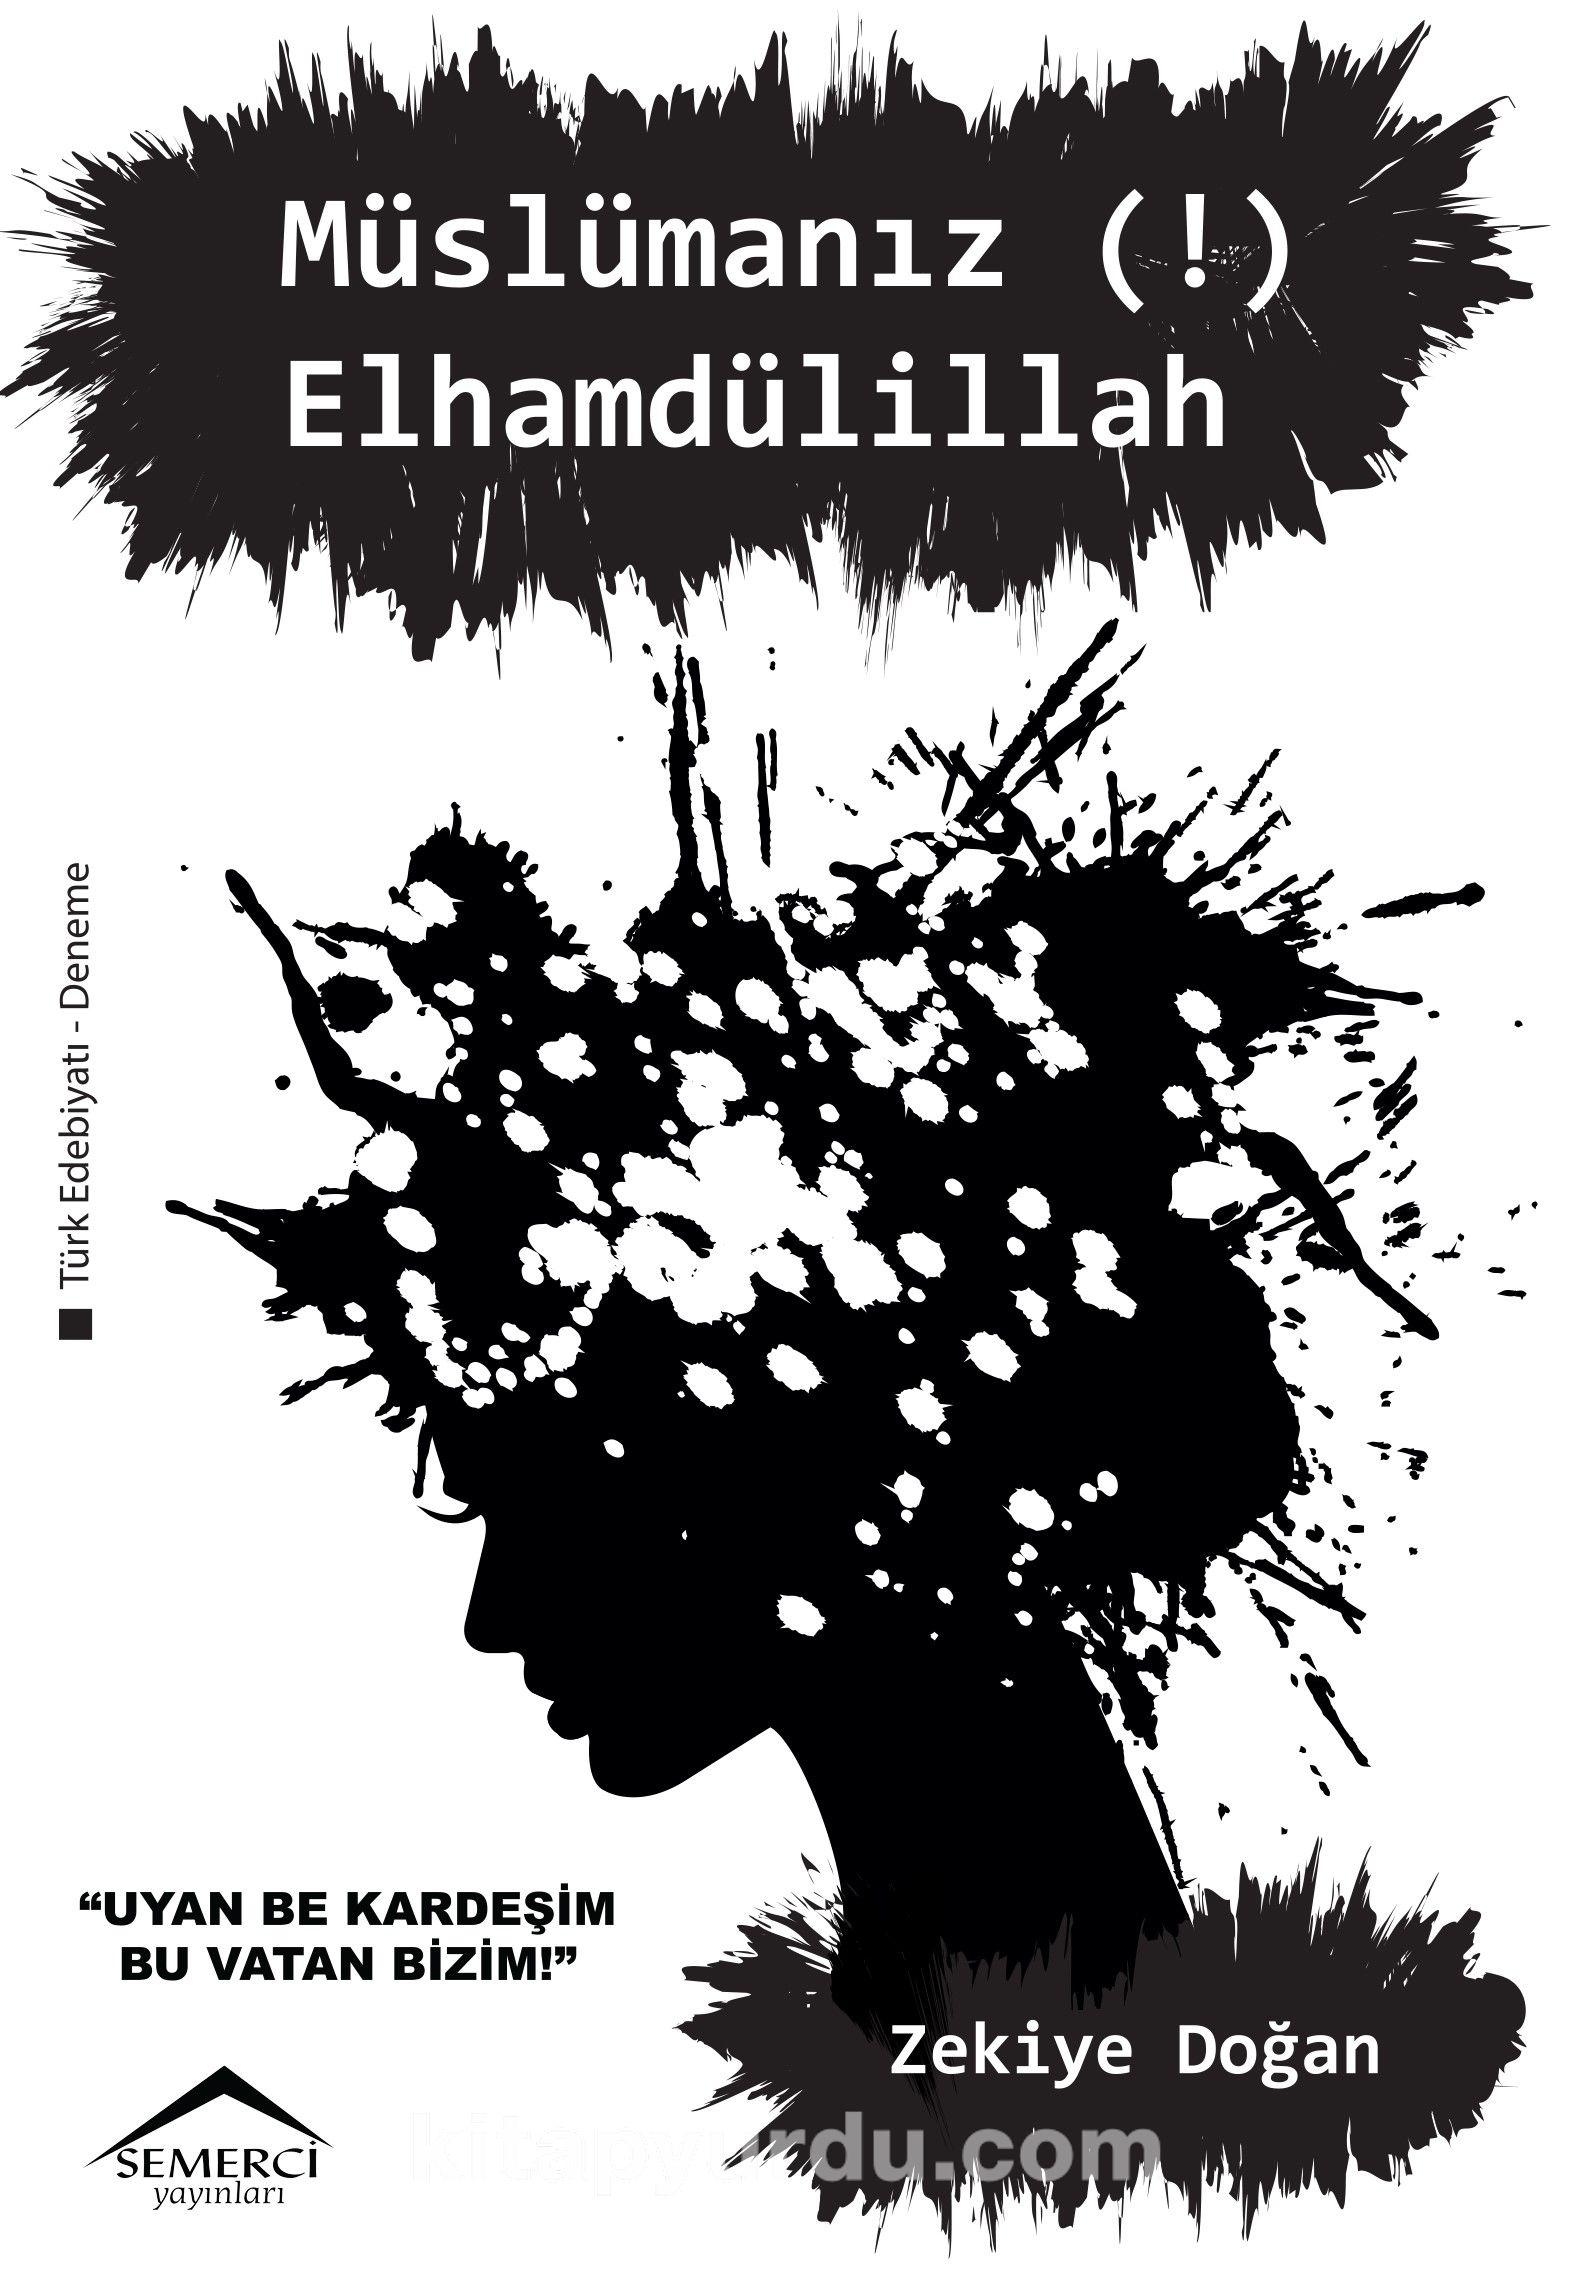 Müslümanız (!) Elhamdülillah